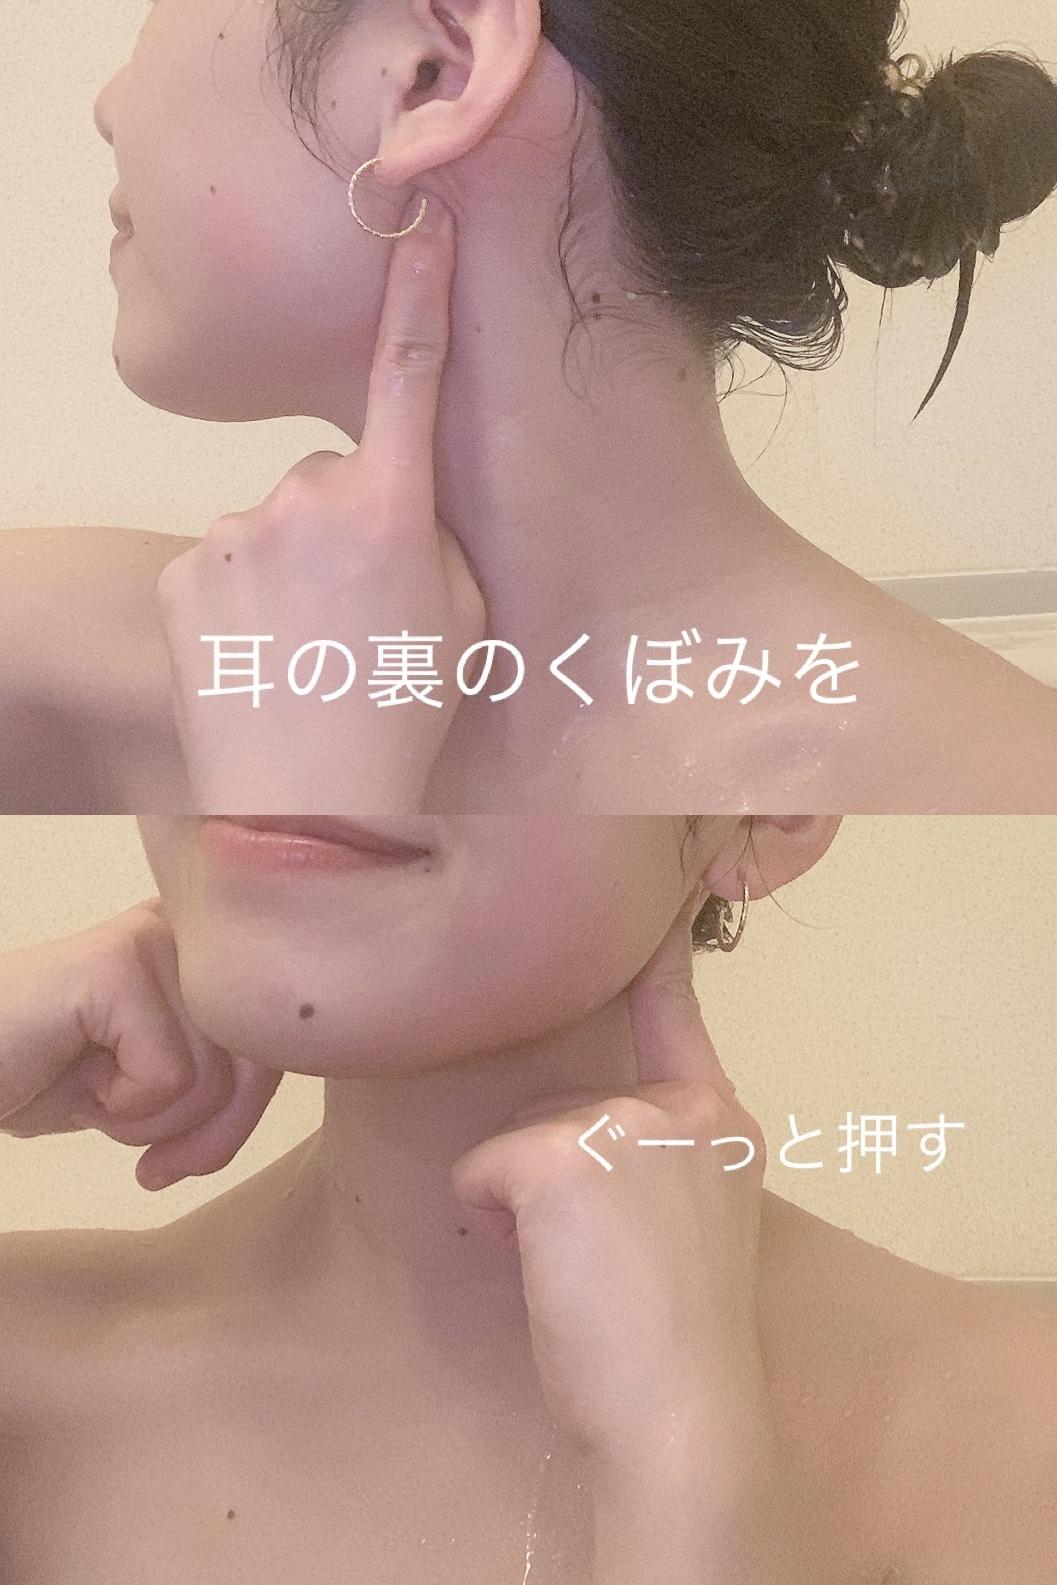 【小顔】二重顎に悩みまくりなワタシの話_1_8